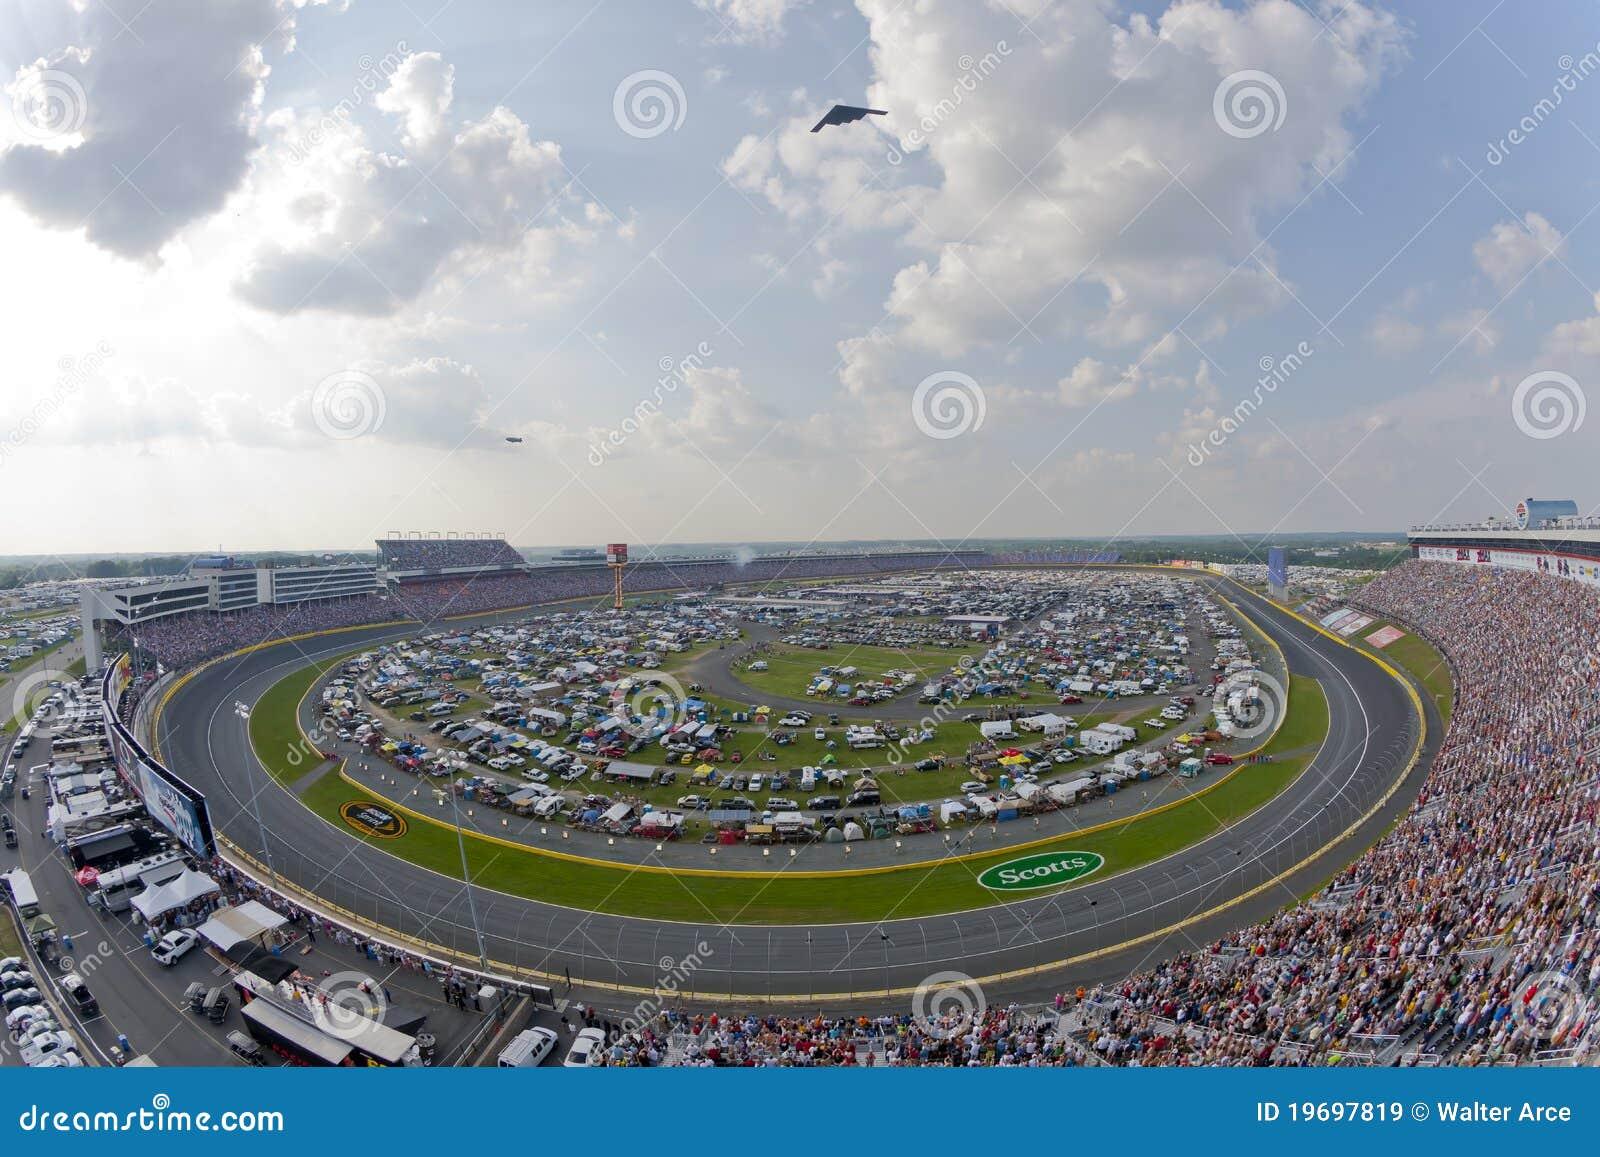 NASCAR: Coca-Cola 600 del 29 de mayo